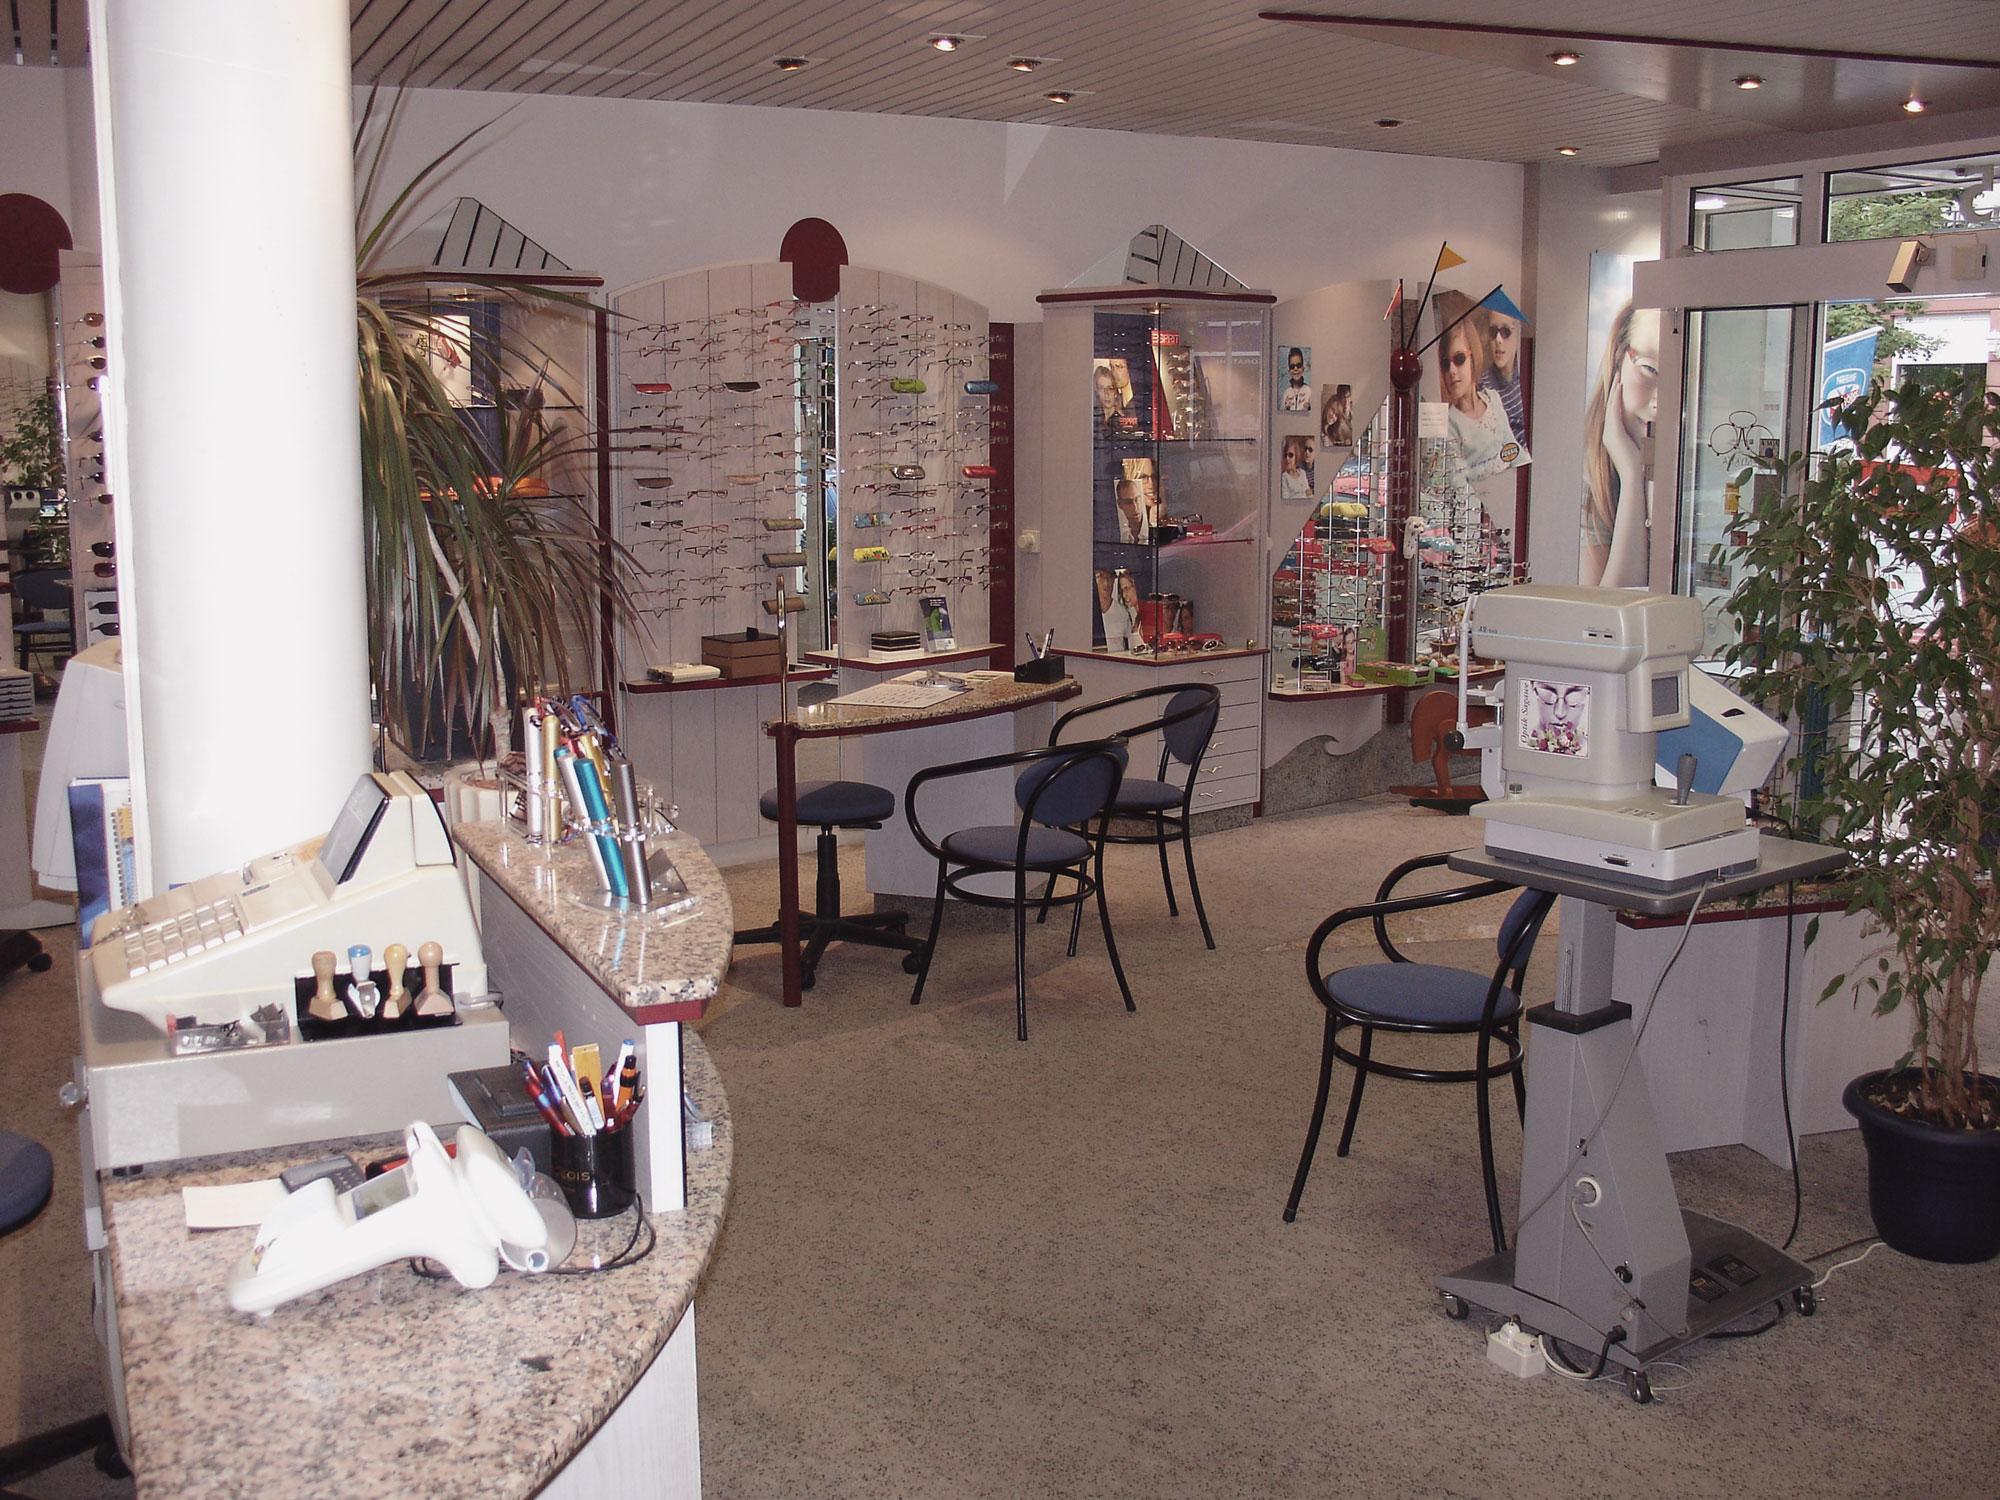 Optik Sagawe in Reutershagen vor dem Umbau 2007 - Blick in den Laden und dem Eingangsbereich